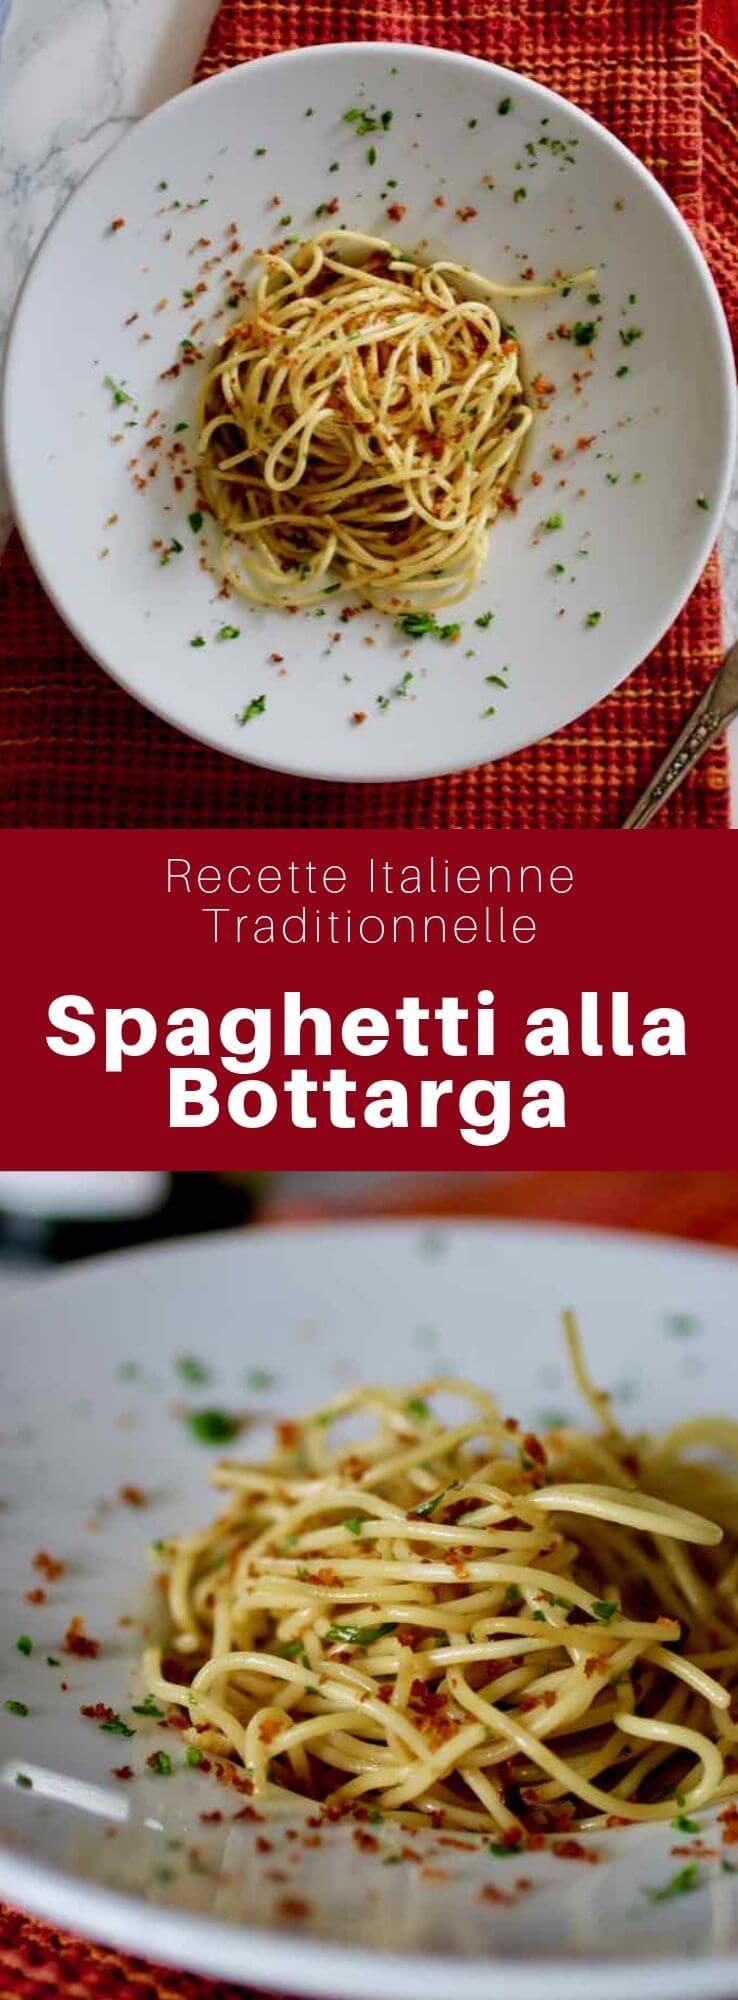 Les spaghetti alla bottarga sont un plat typiquement italien de pâtes servies avec des oeufs de poisson salés et séchés appelés boutargue. #Italie #Sardaigne #Grece #RecetteItalienne #CuisineItalienne #CuisineGrecque #CuisineDuMonde #196flavors